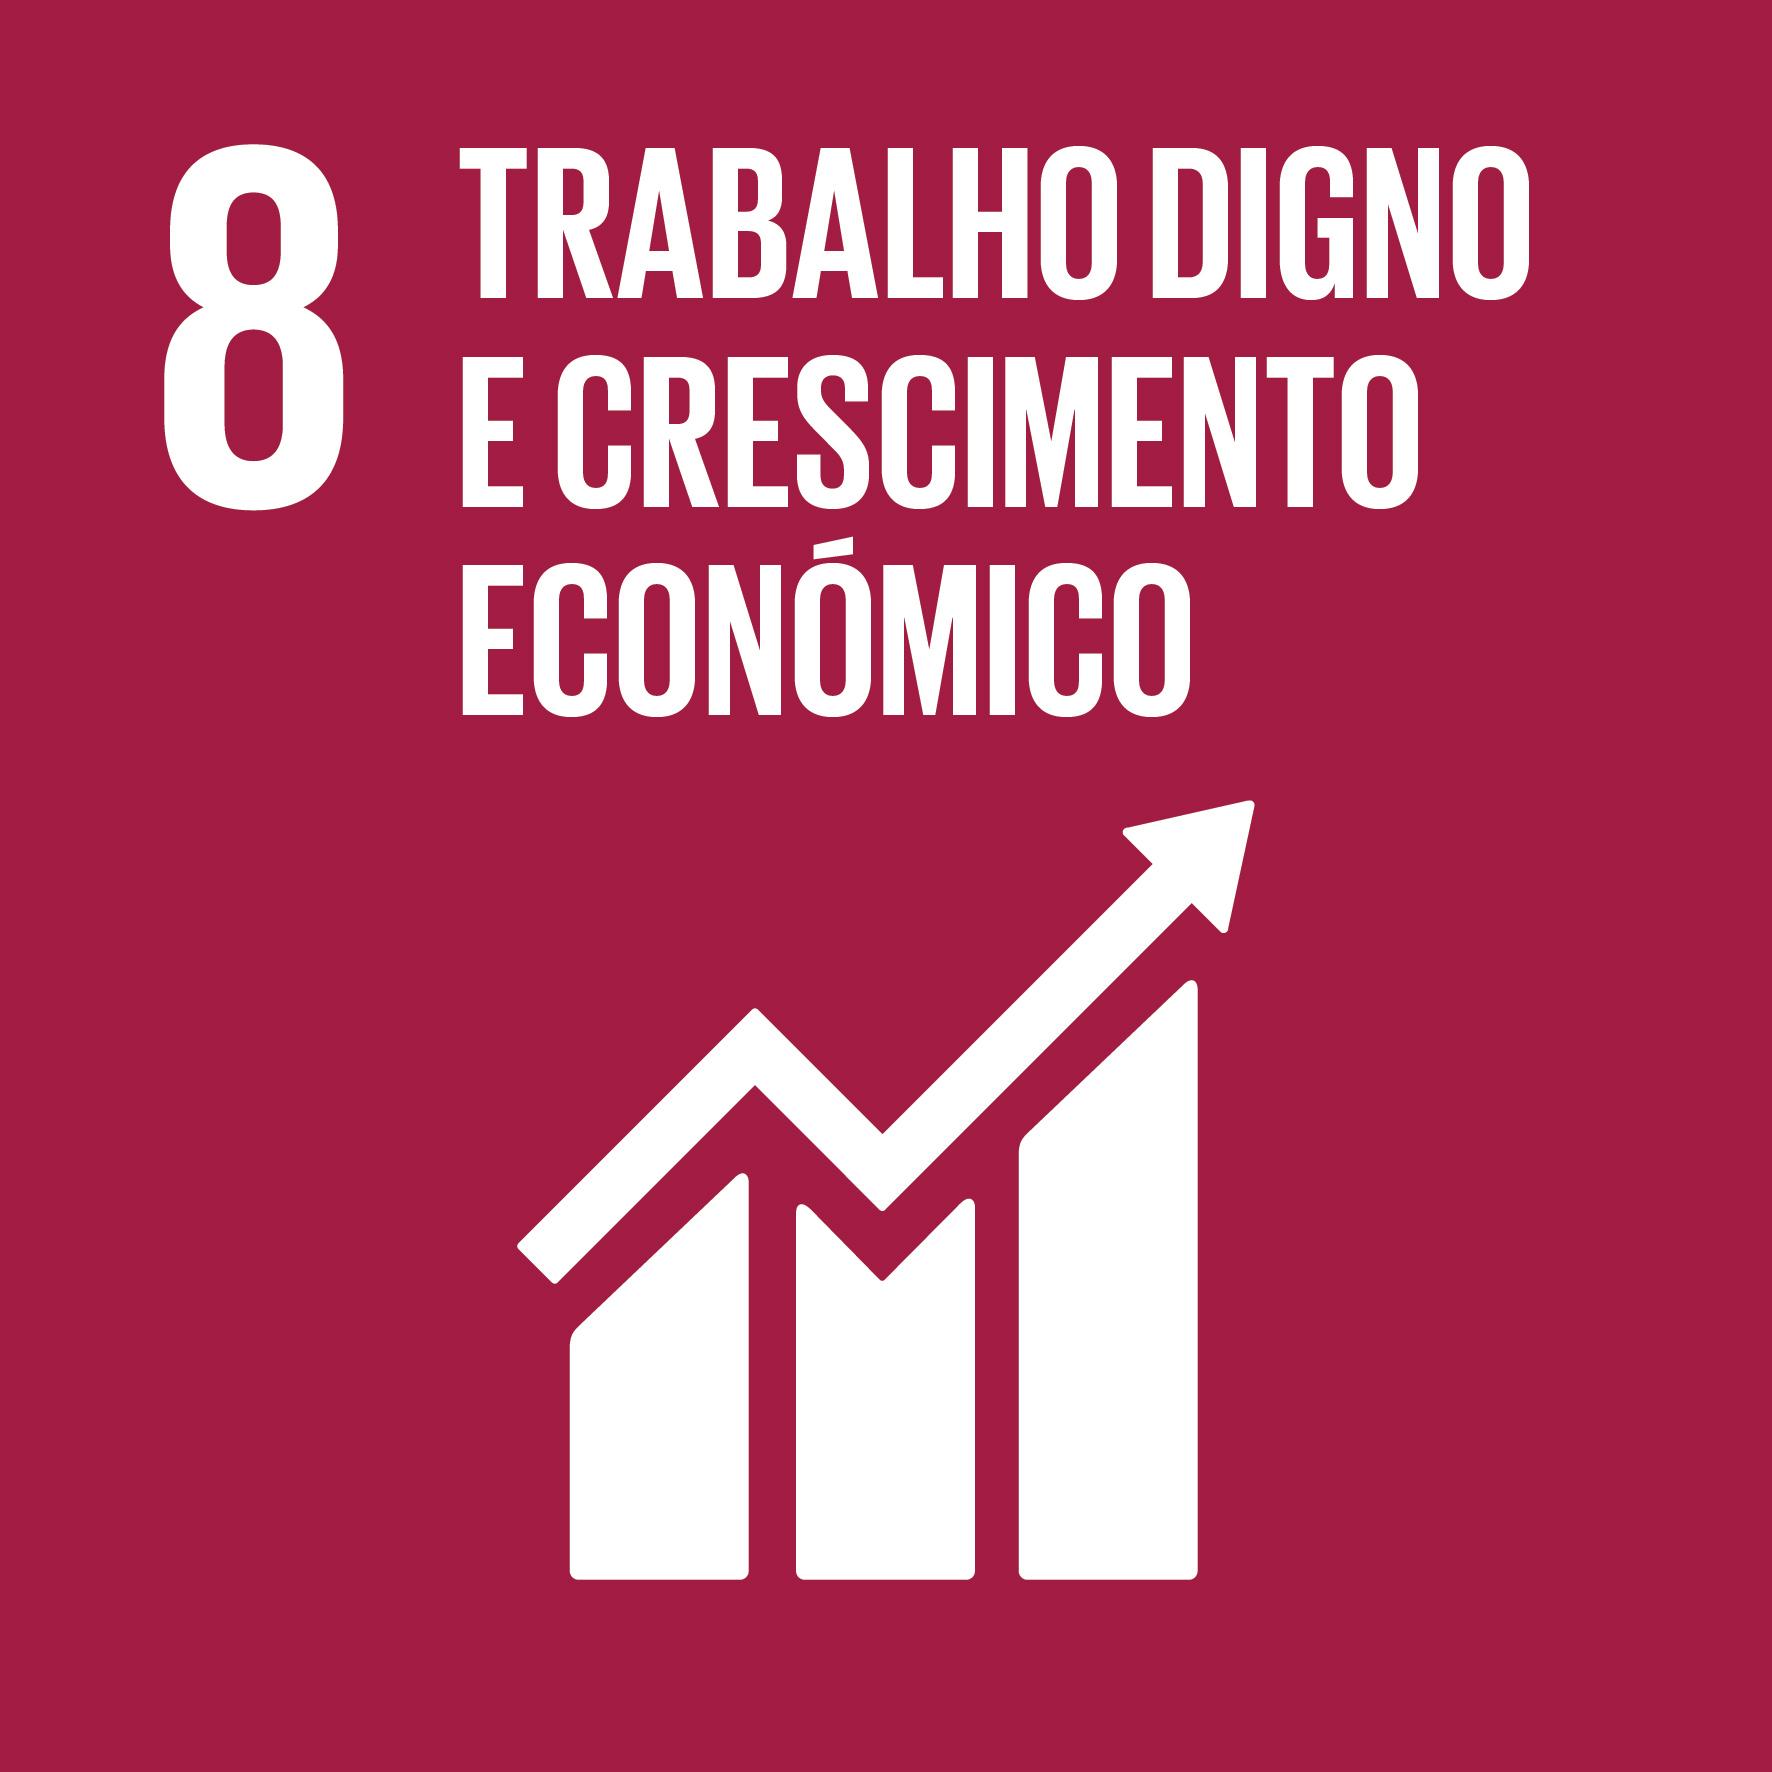 Objetivo 8: Trabalho Digno e Crescimento Económico